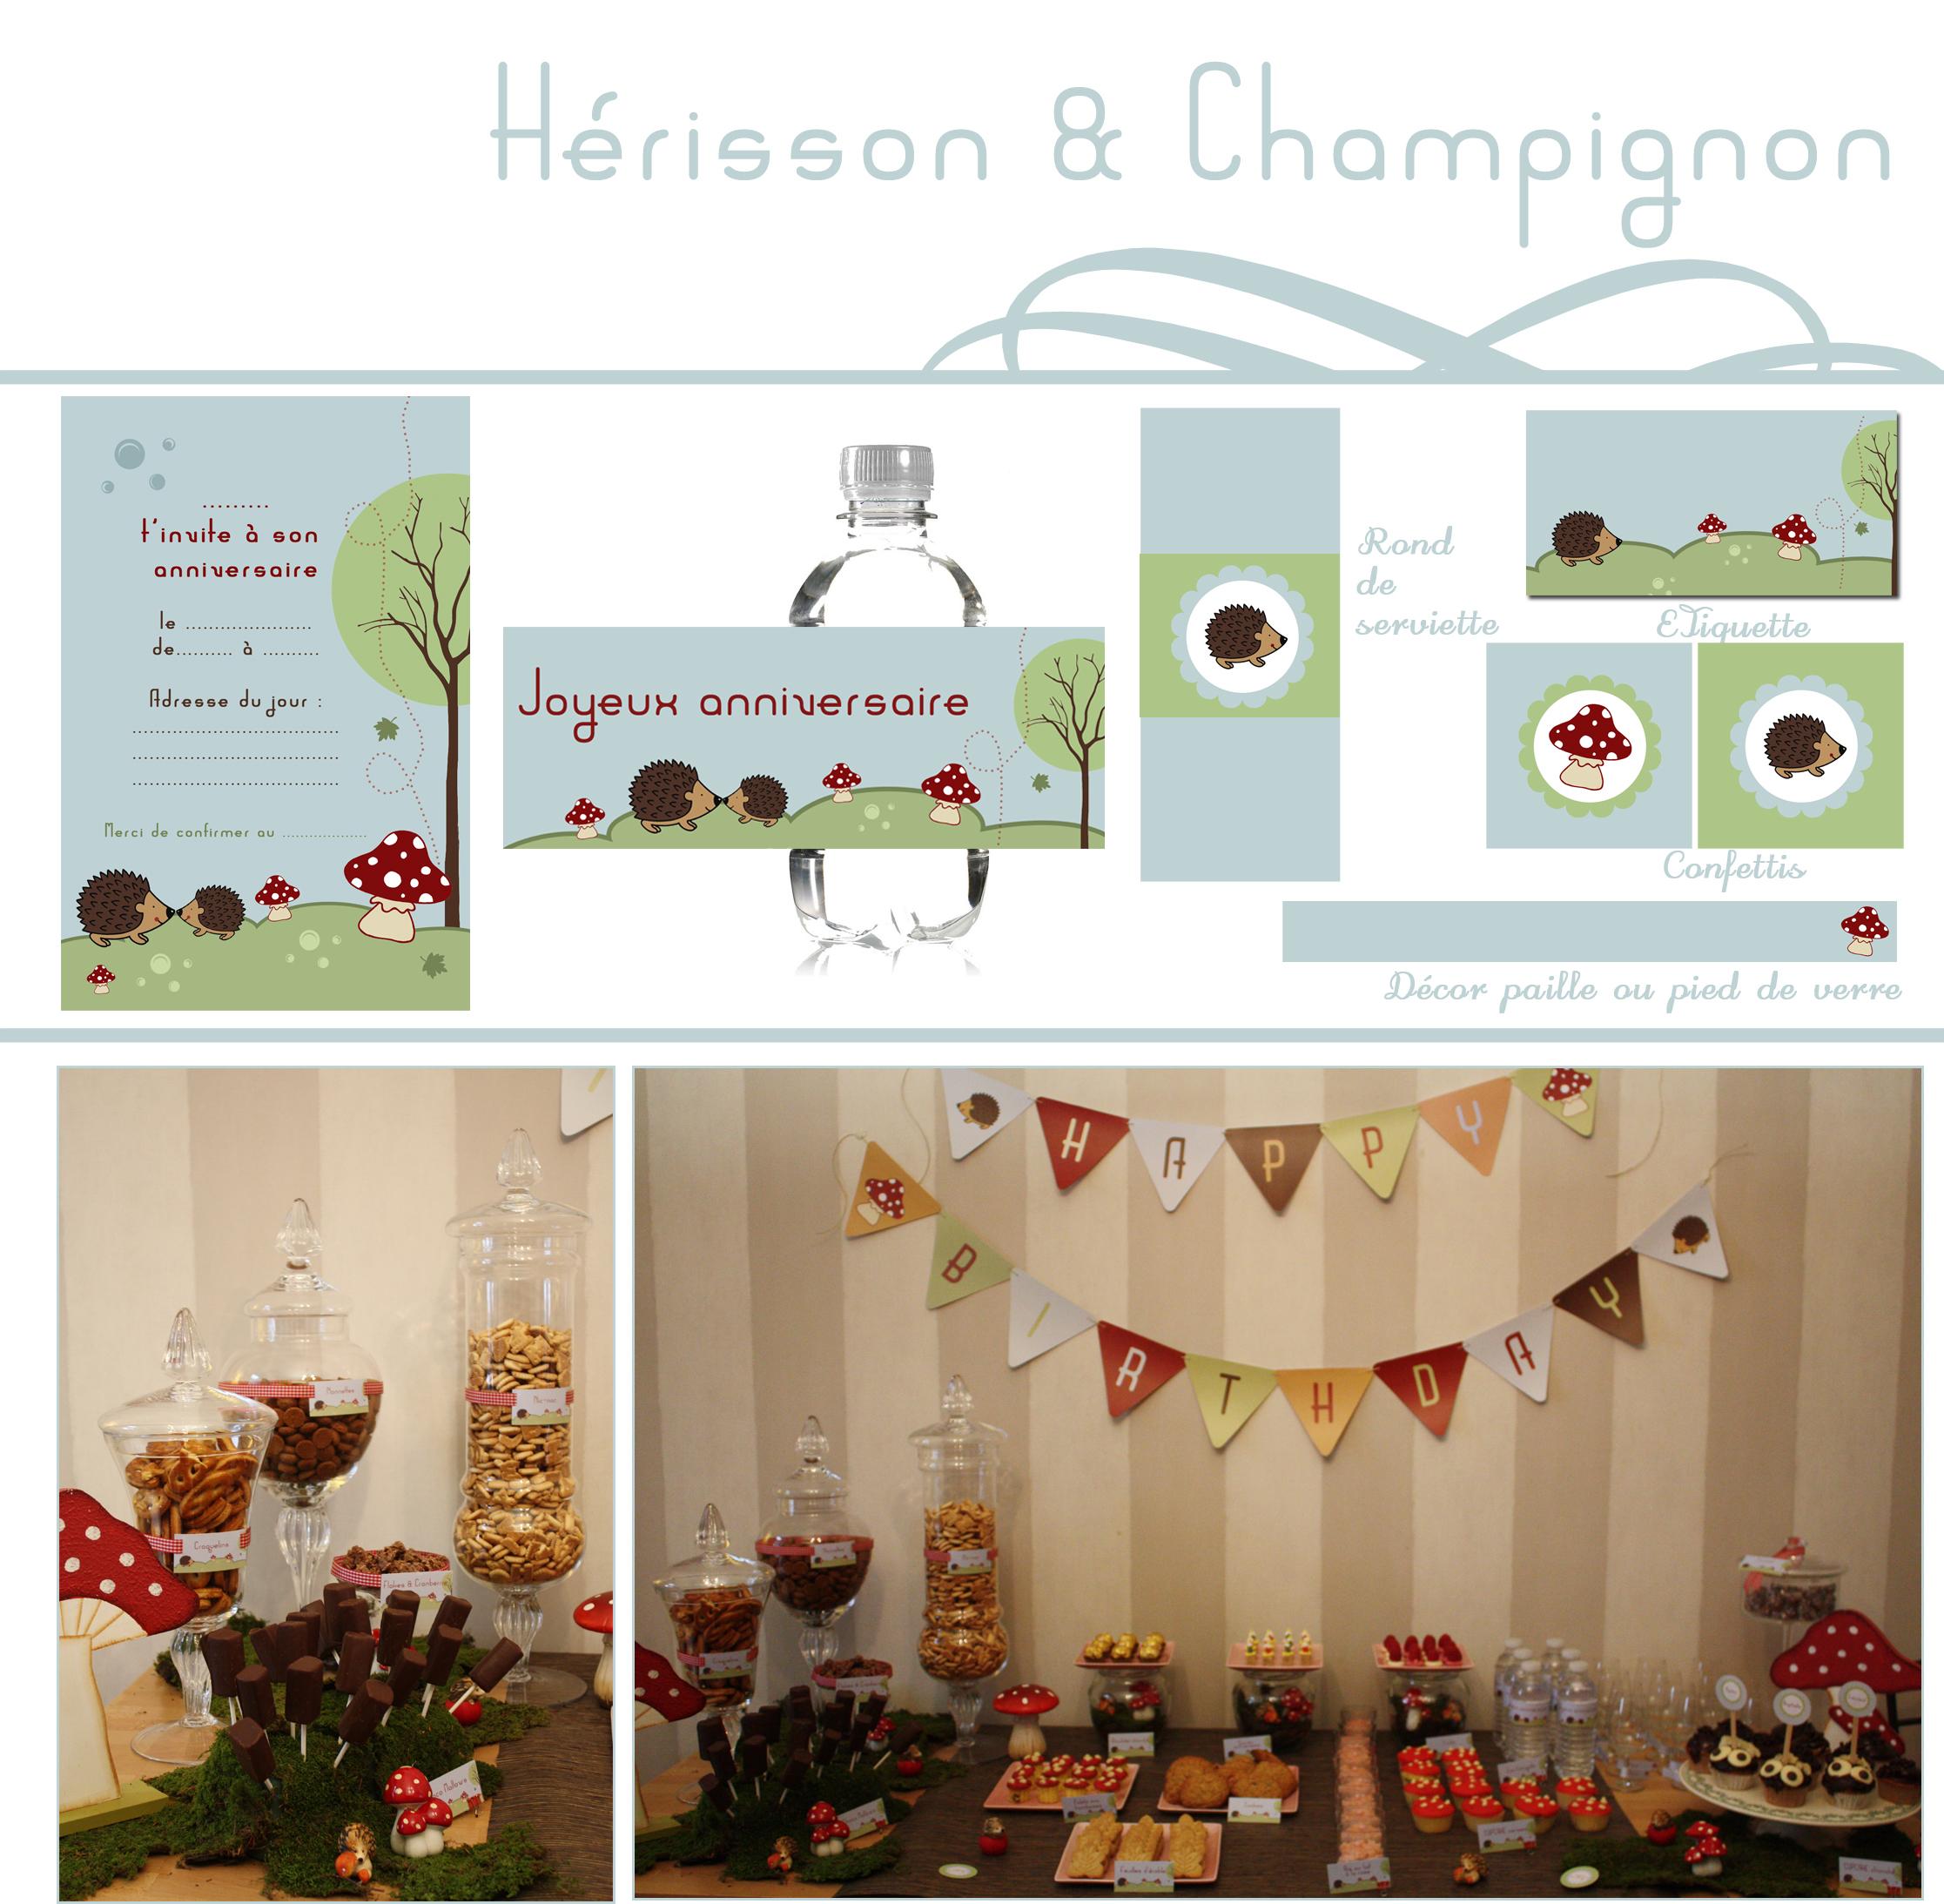 Décoration anniversaire Hérissons & Champignons